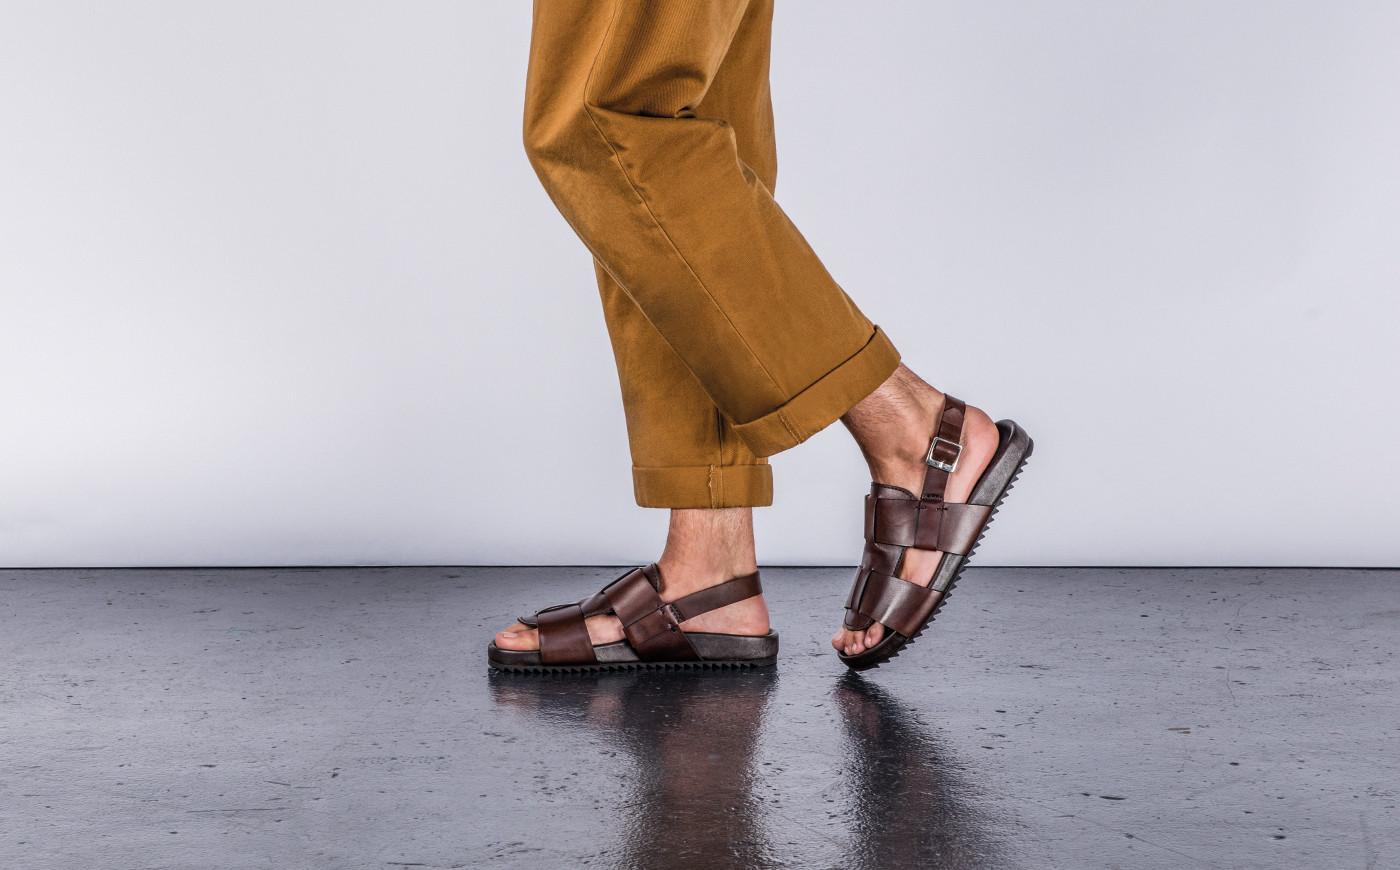 ngày nay, những đôi sandals mát mẻ và tiện lợi được săn lùng hơn bao giờ hết